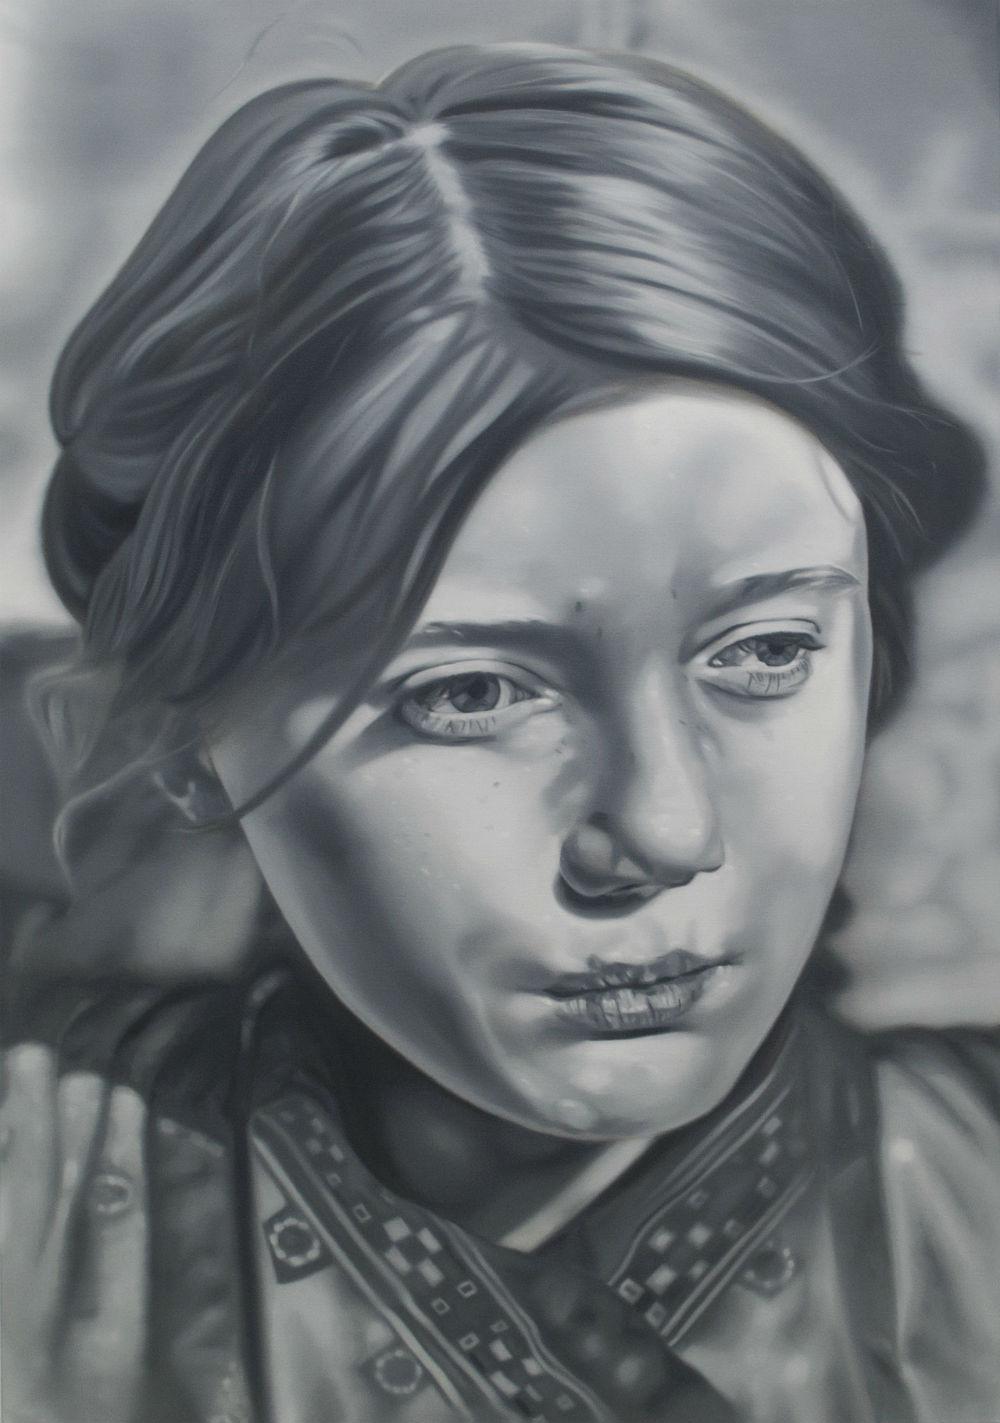 Tomas Lundgren - Gothenburg, Sweden artist